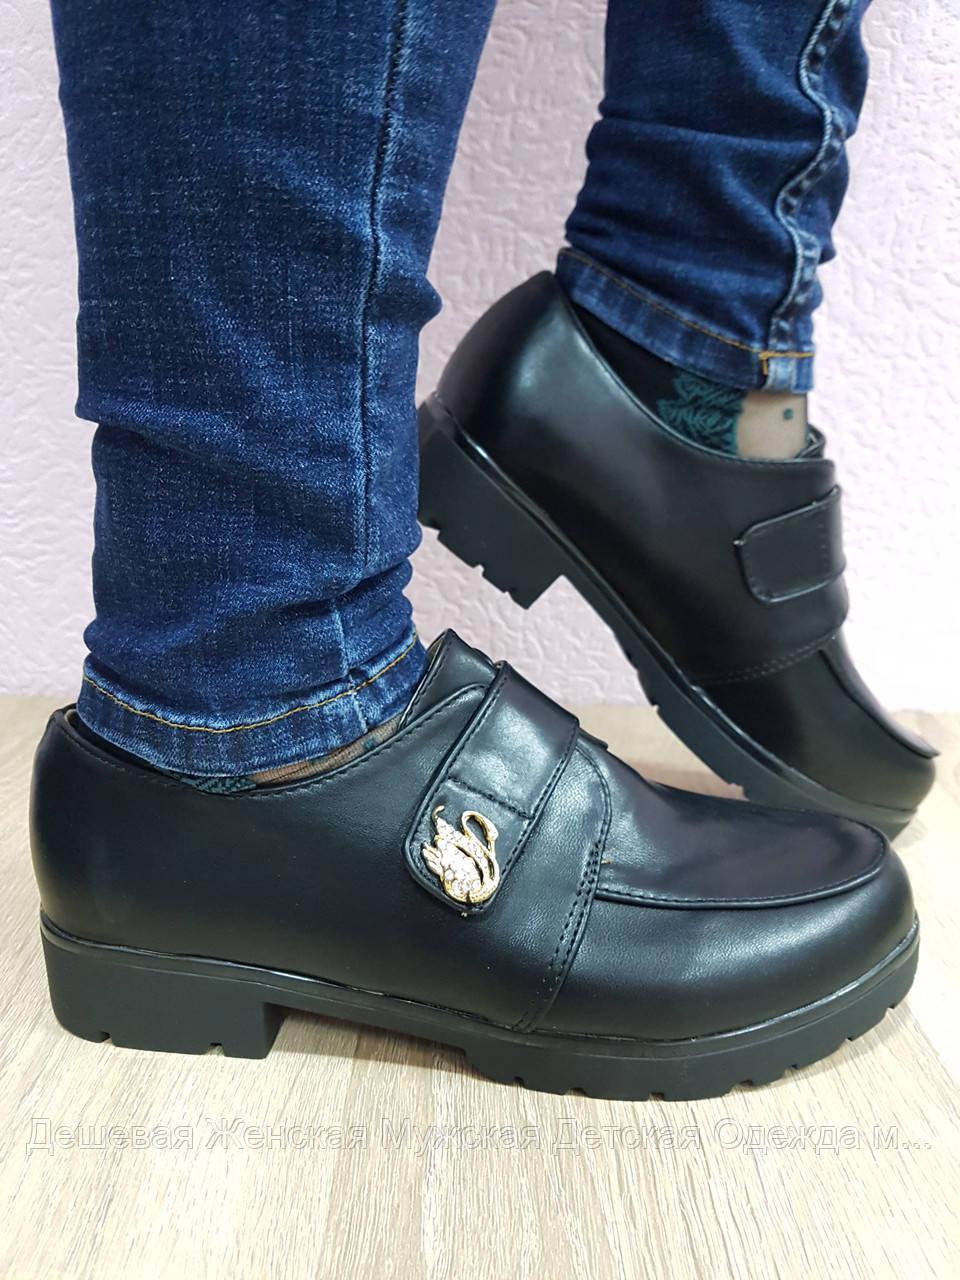 Туфлі жіночі. В ящику 6пар. Розміри 36-41